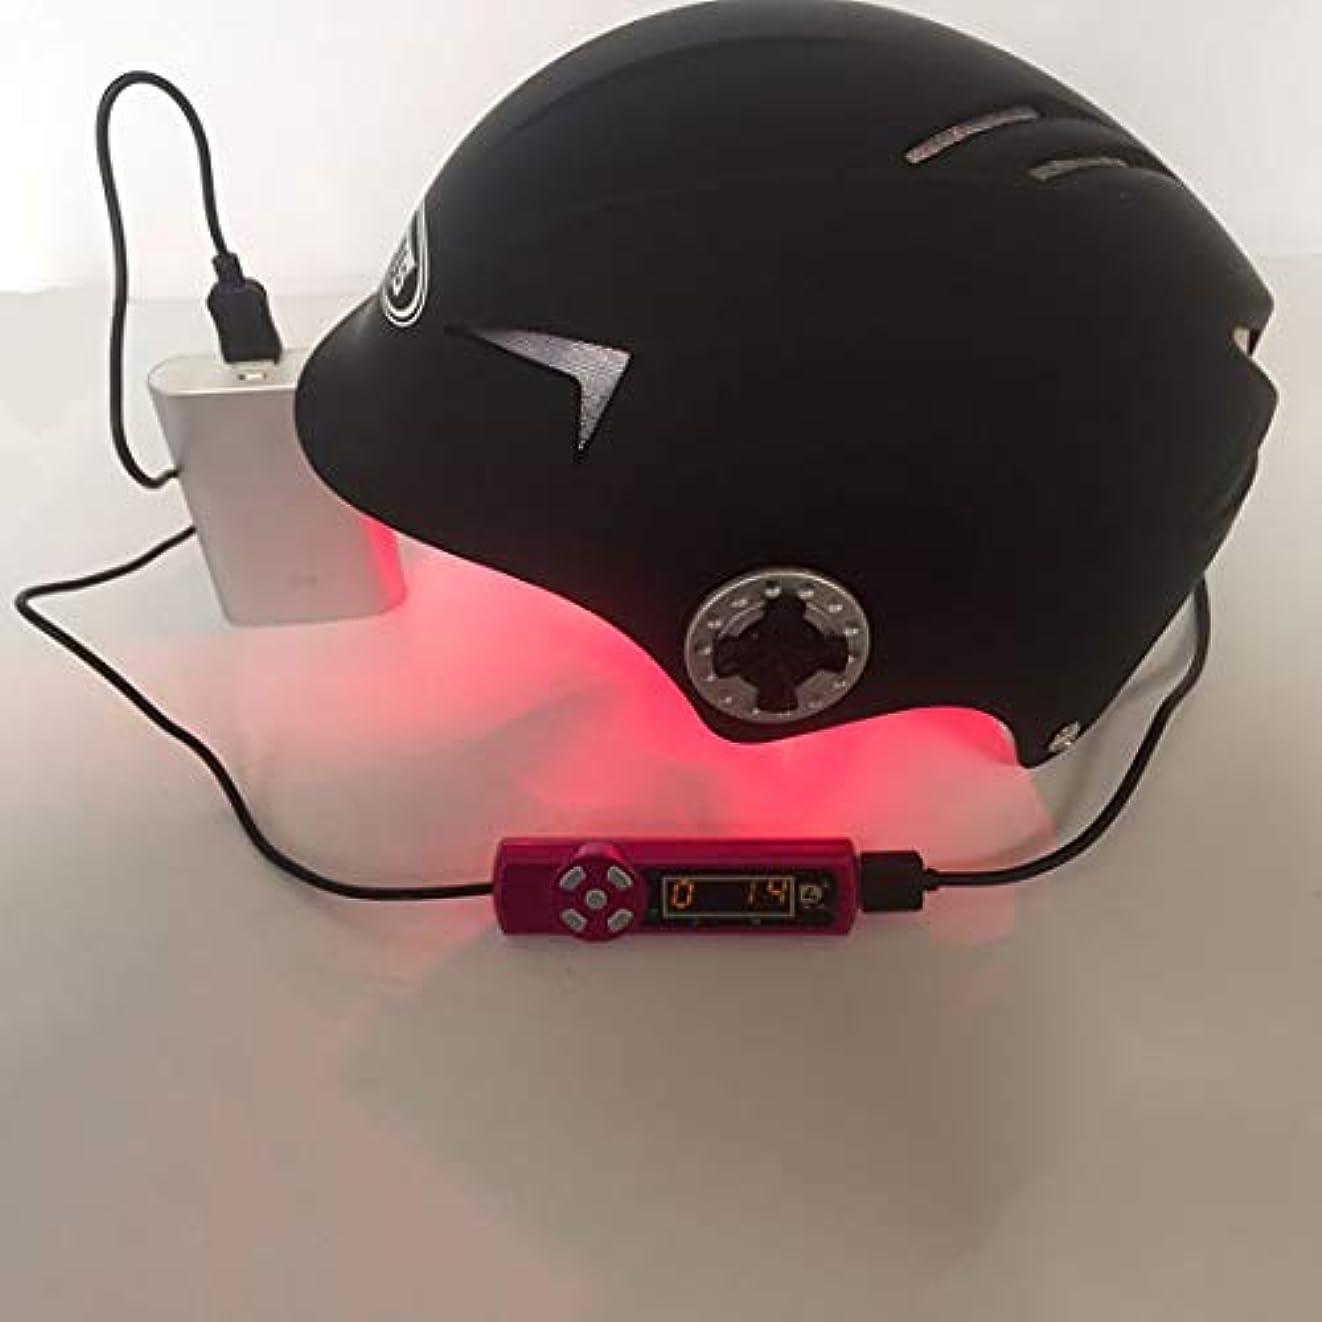 合併シード特徴づけるレーザーの毛の成長ヘルメット抜け毛を防ぎ発毛キャップマッサージ、発毛トリートメント機器を推進[バージョンアップグレード](64灯)